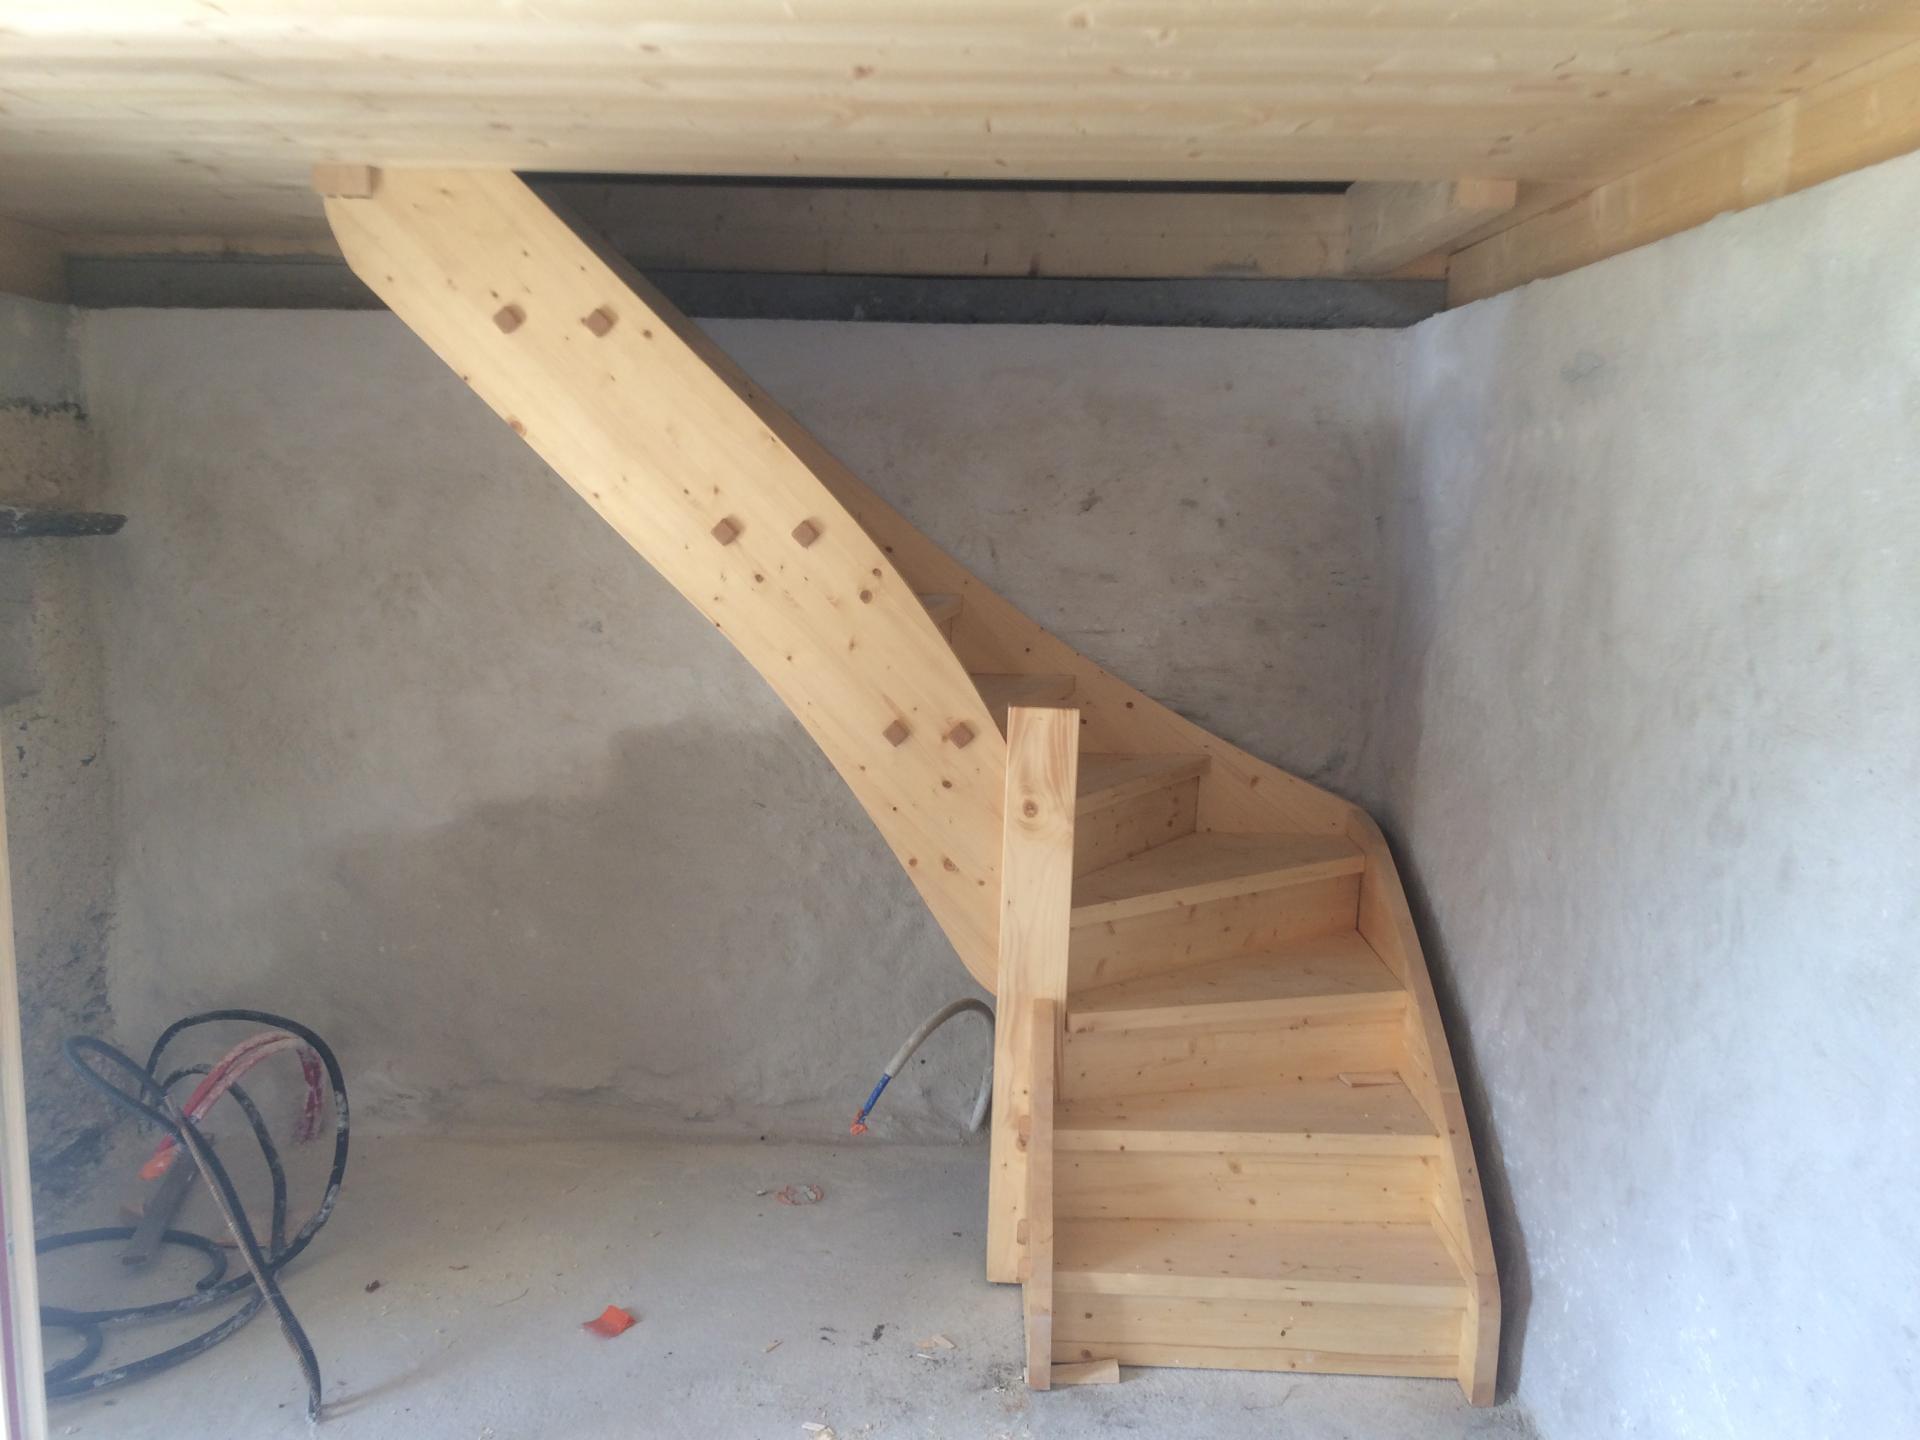 portes rustique en vieux bois et escalier. Black Bedroom Furniture Sets. Home Design Ideas